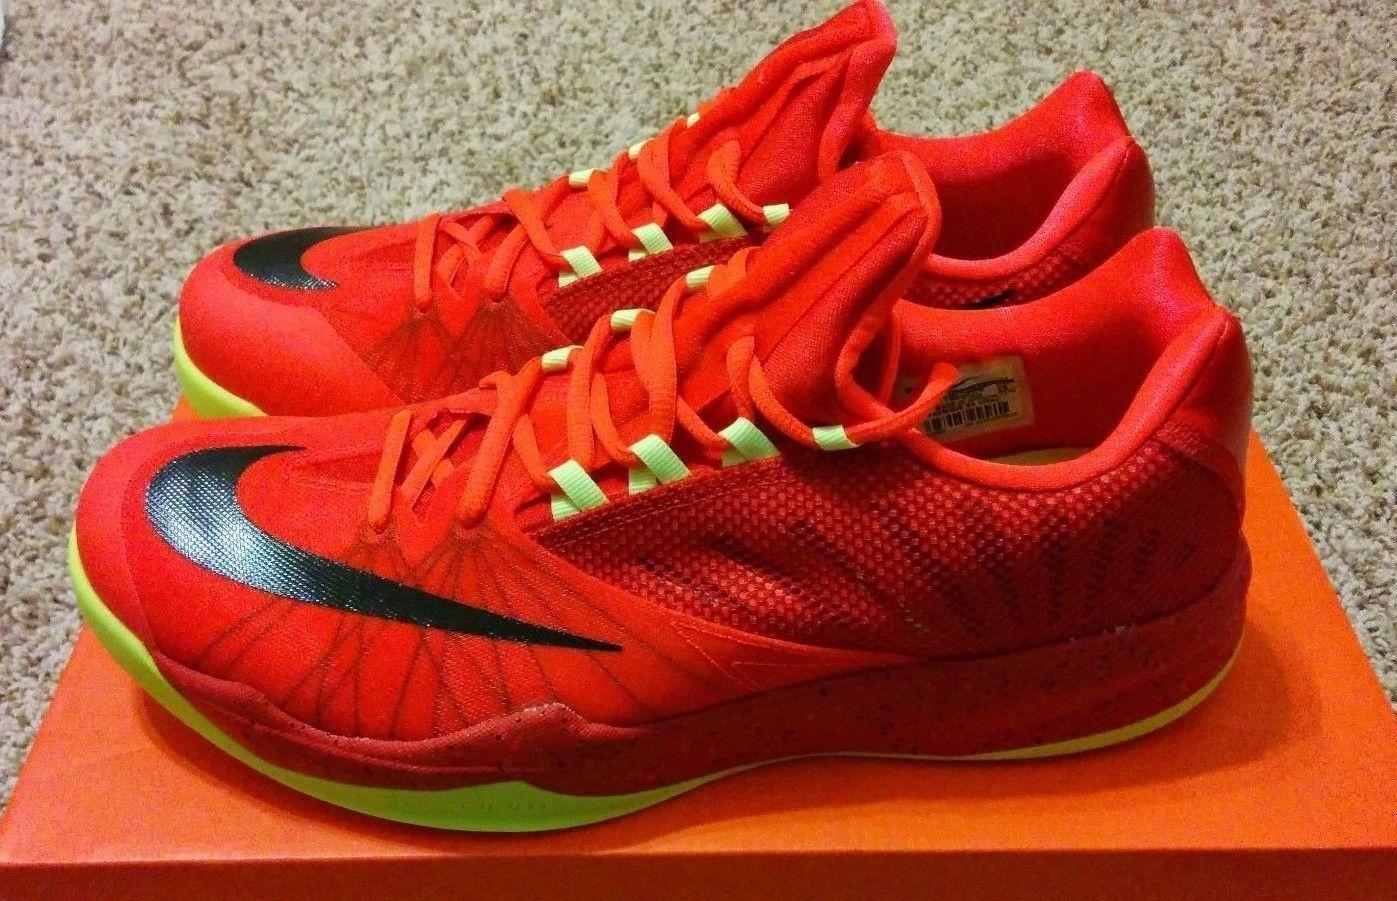 nike zoom courir un james harden harden harden pe houston rockets rouge mvp   chaussures nouveau | La Réputation D'abord  dd71f5